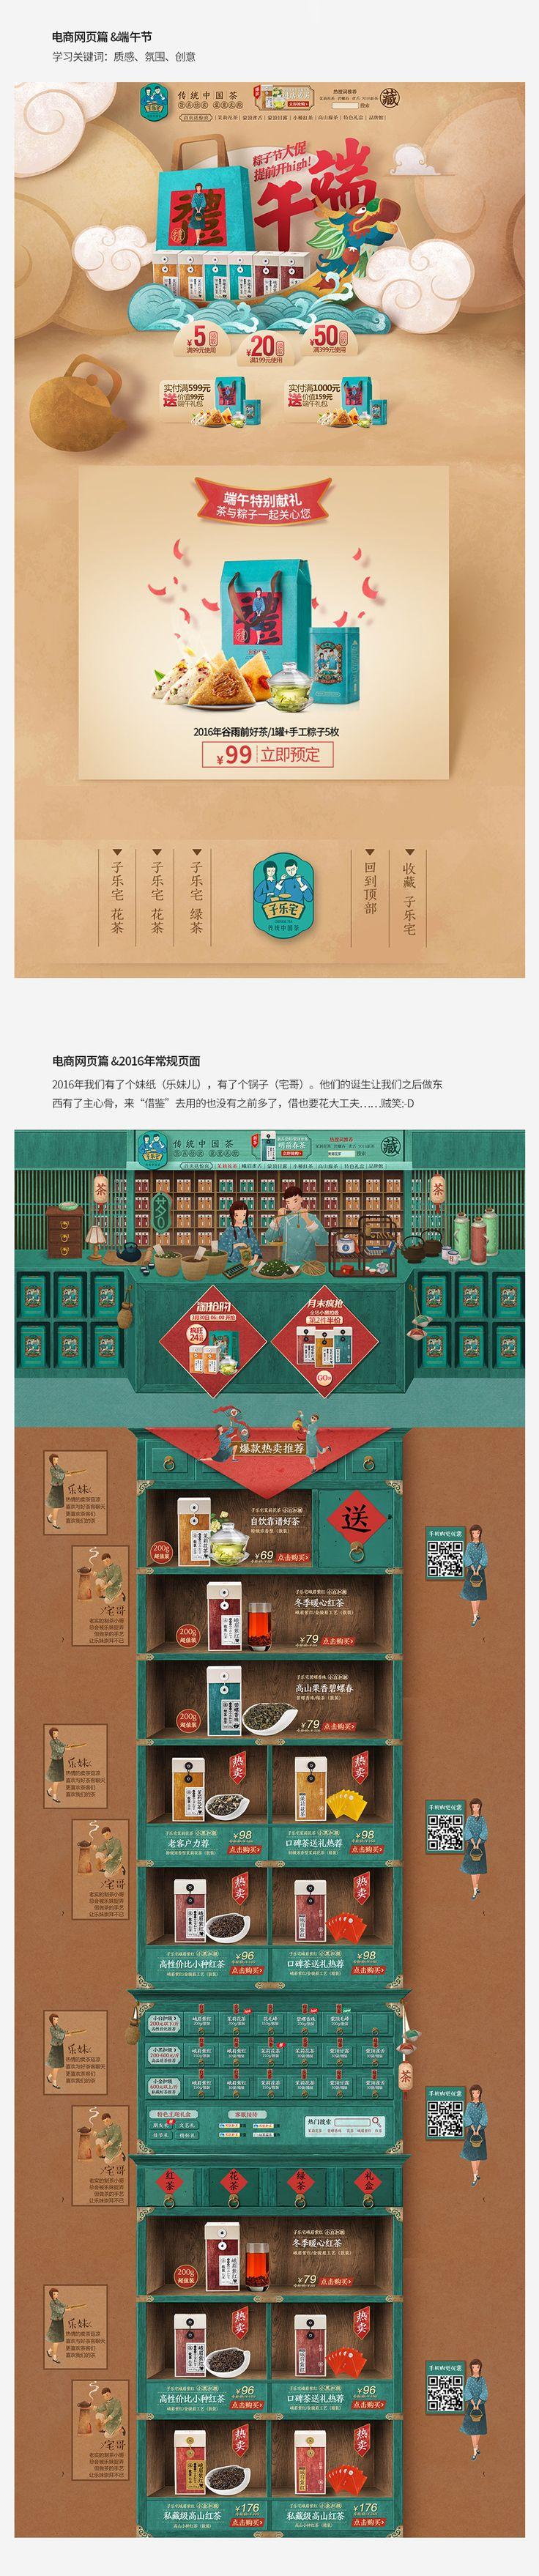 查看《2016子乐宅-电商网页篇合集》原图,原图尺寸:900x4301